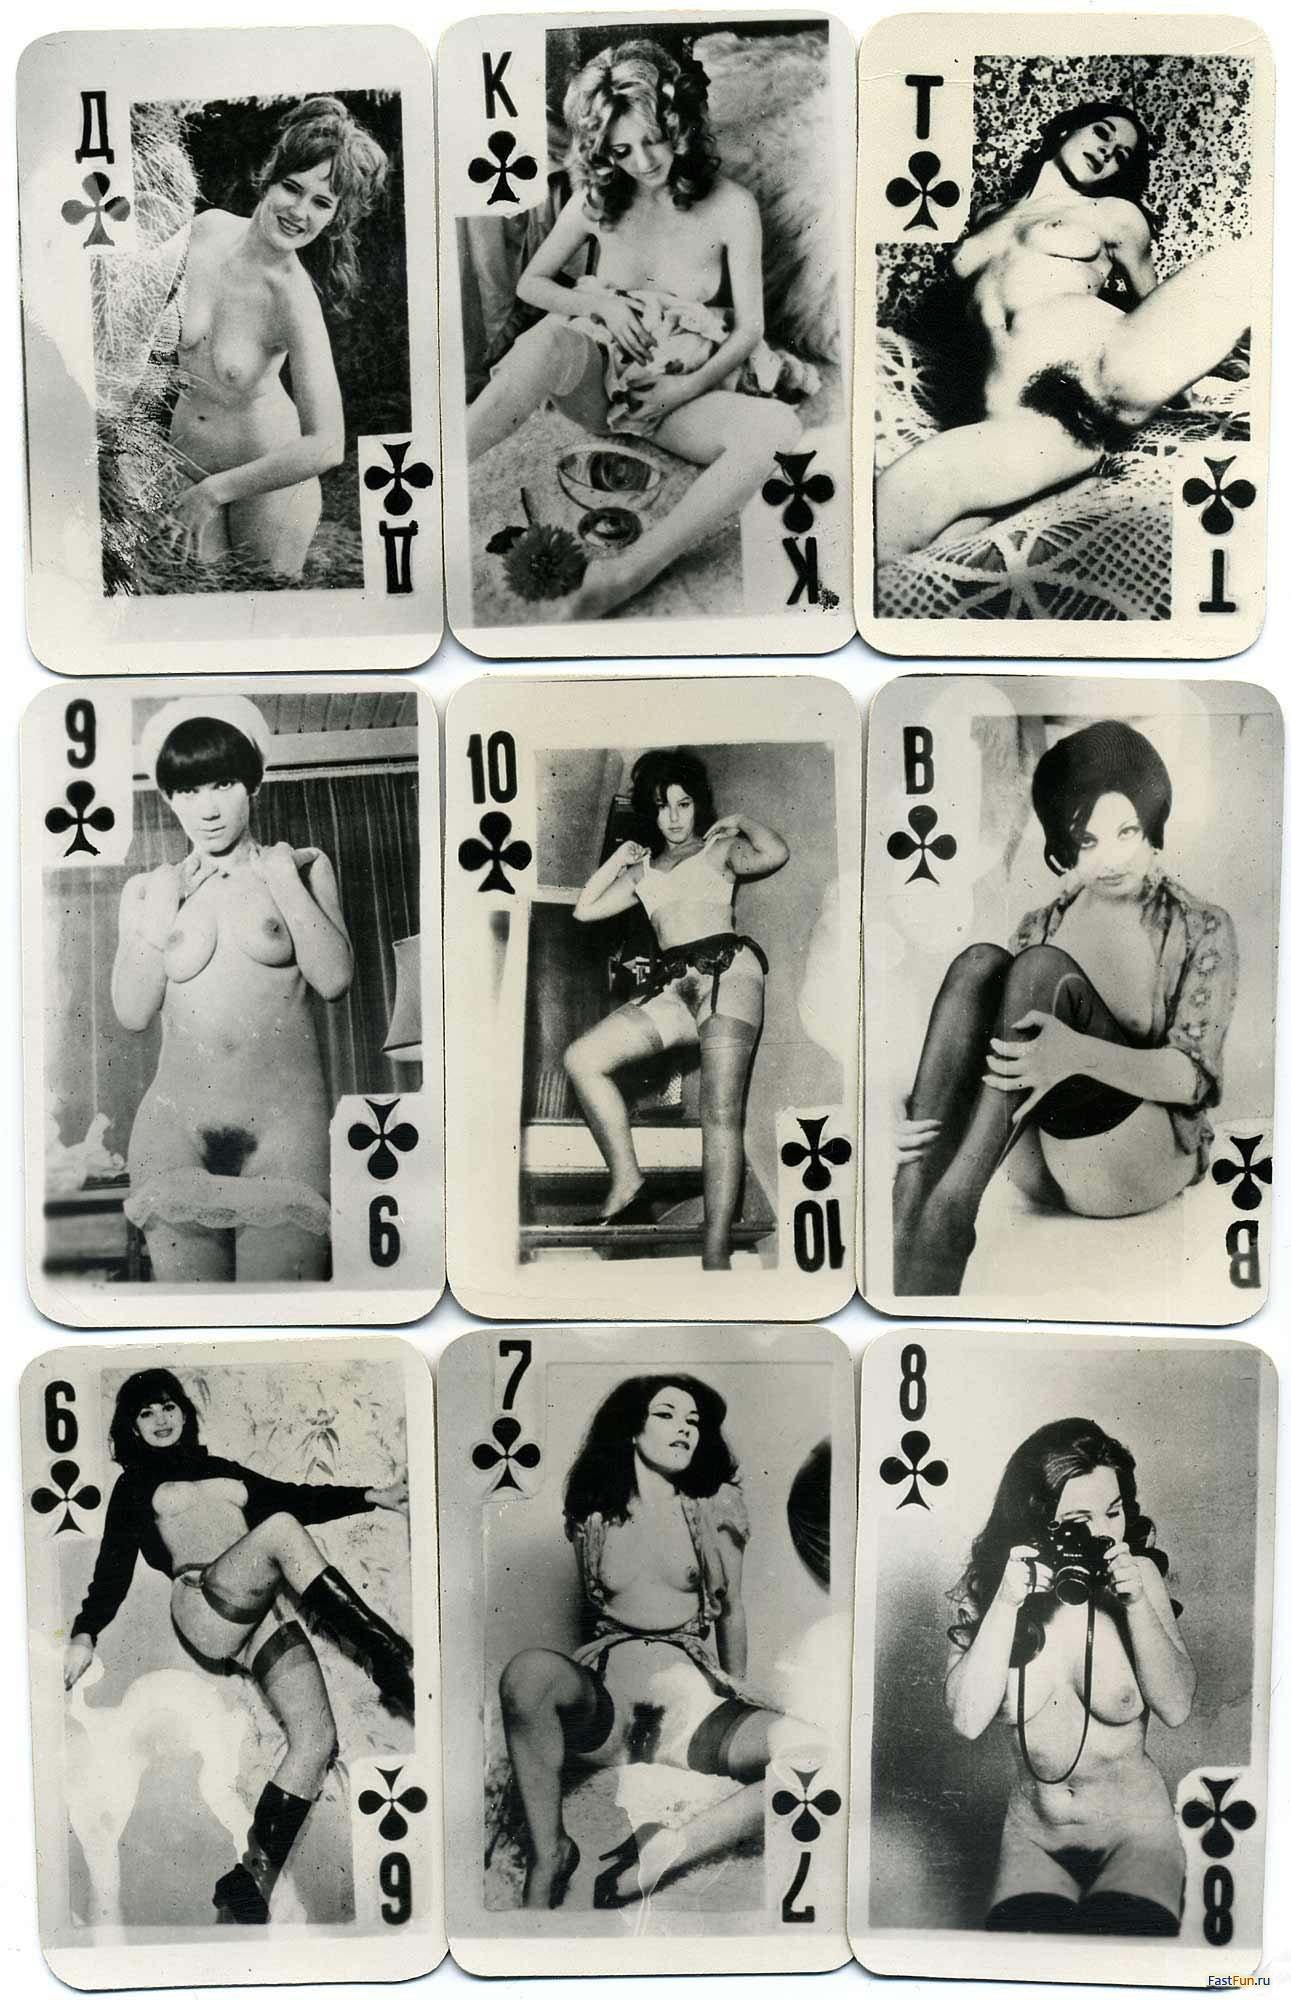 Порно эротические игральные карты для взрослых купить фото 477-425